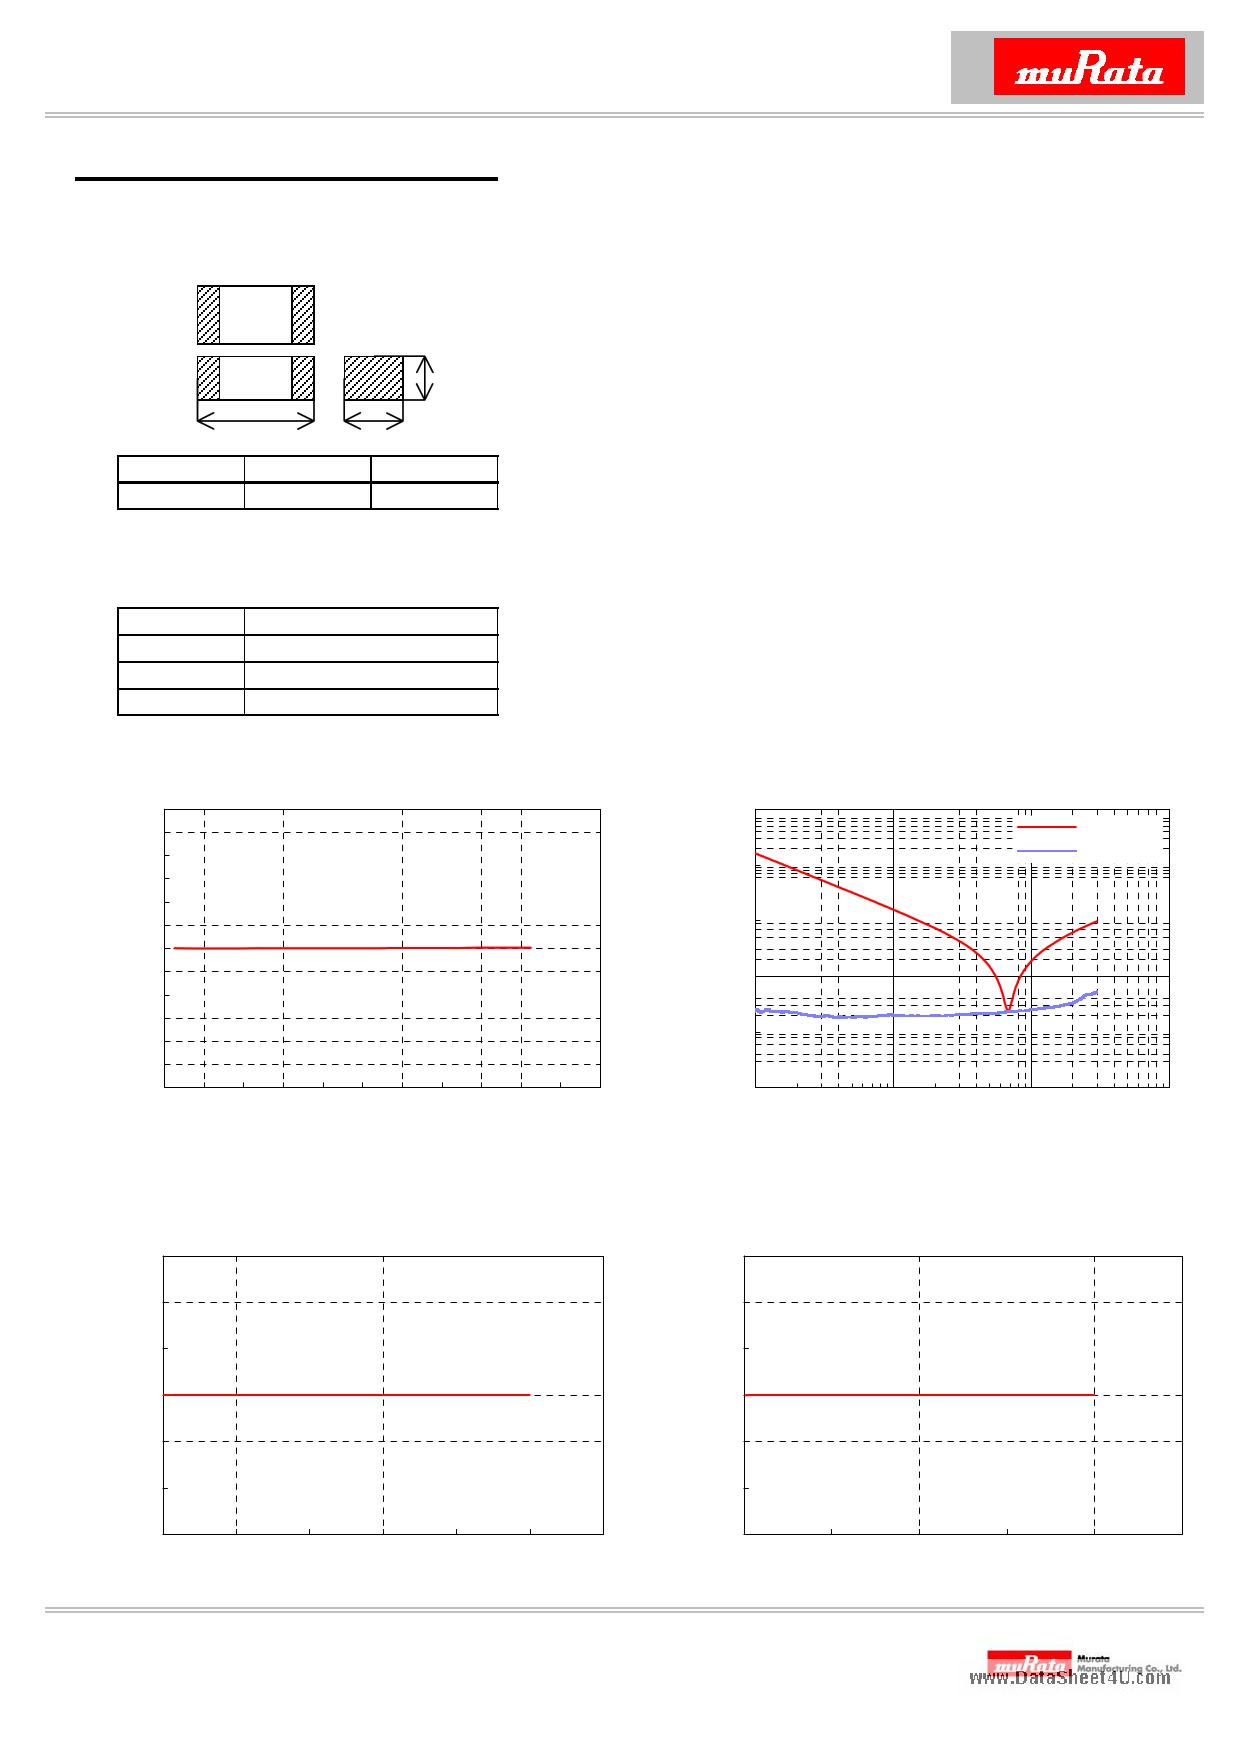 grm0335c1e101j datasheet pdf   pinout